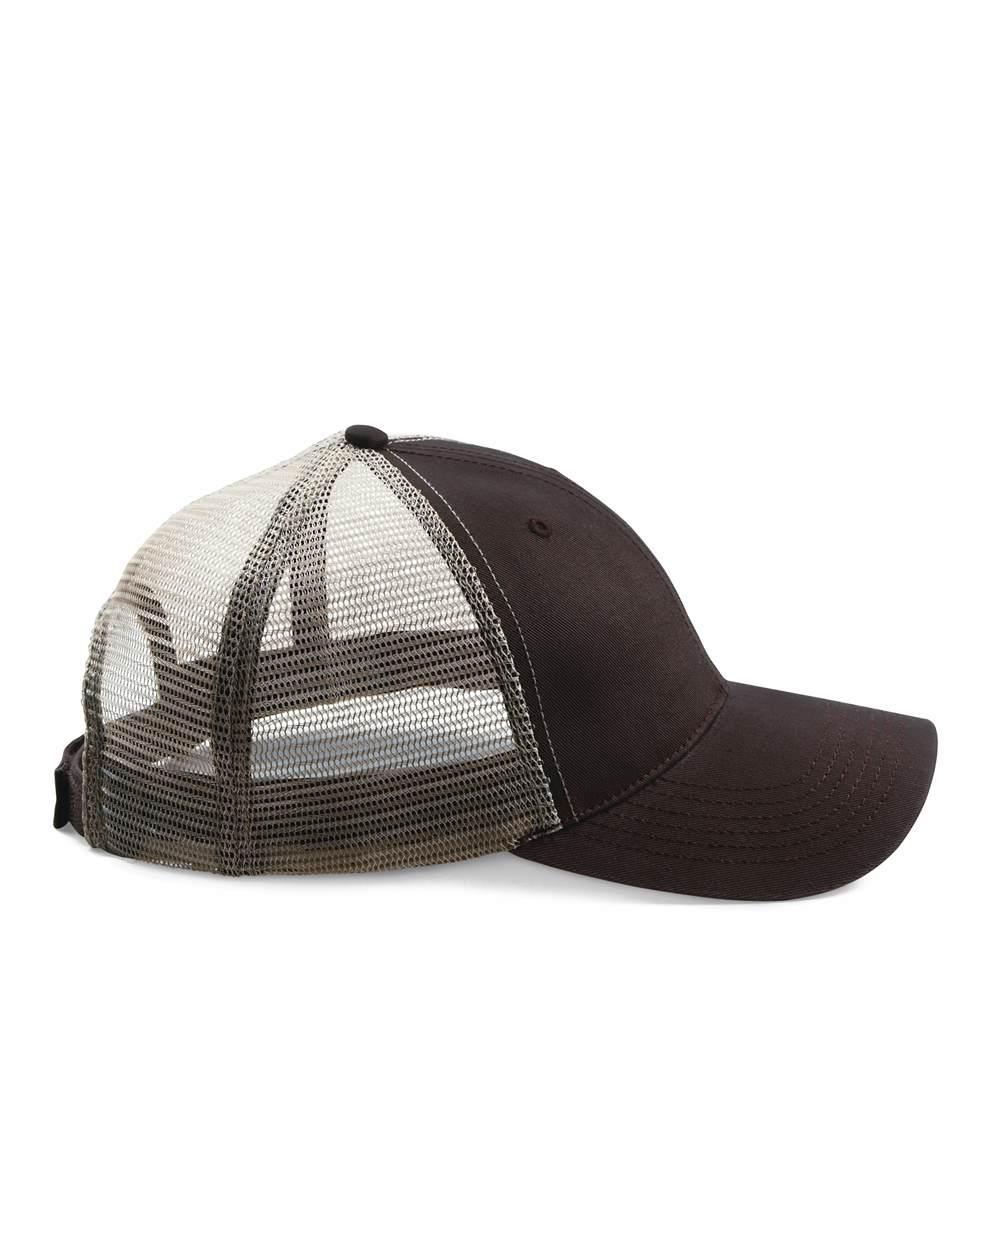 Authentic Headwear AH80 The Duke 水洗卡车帽货车帽